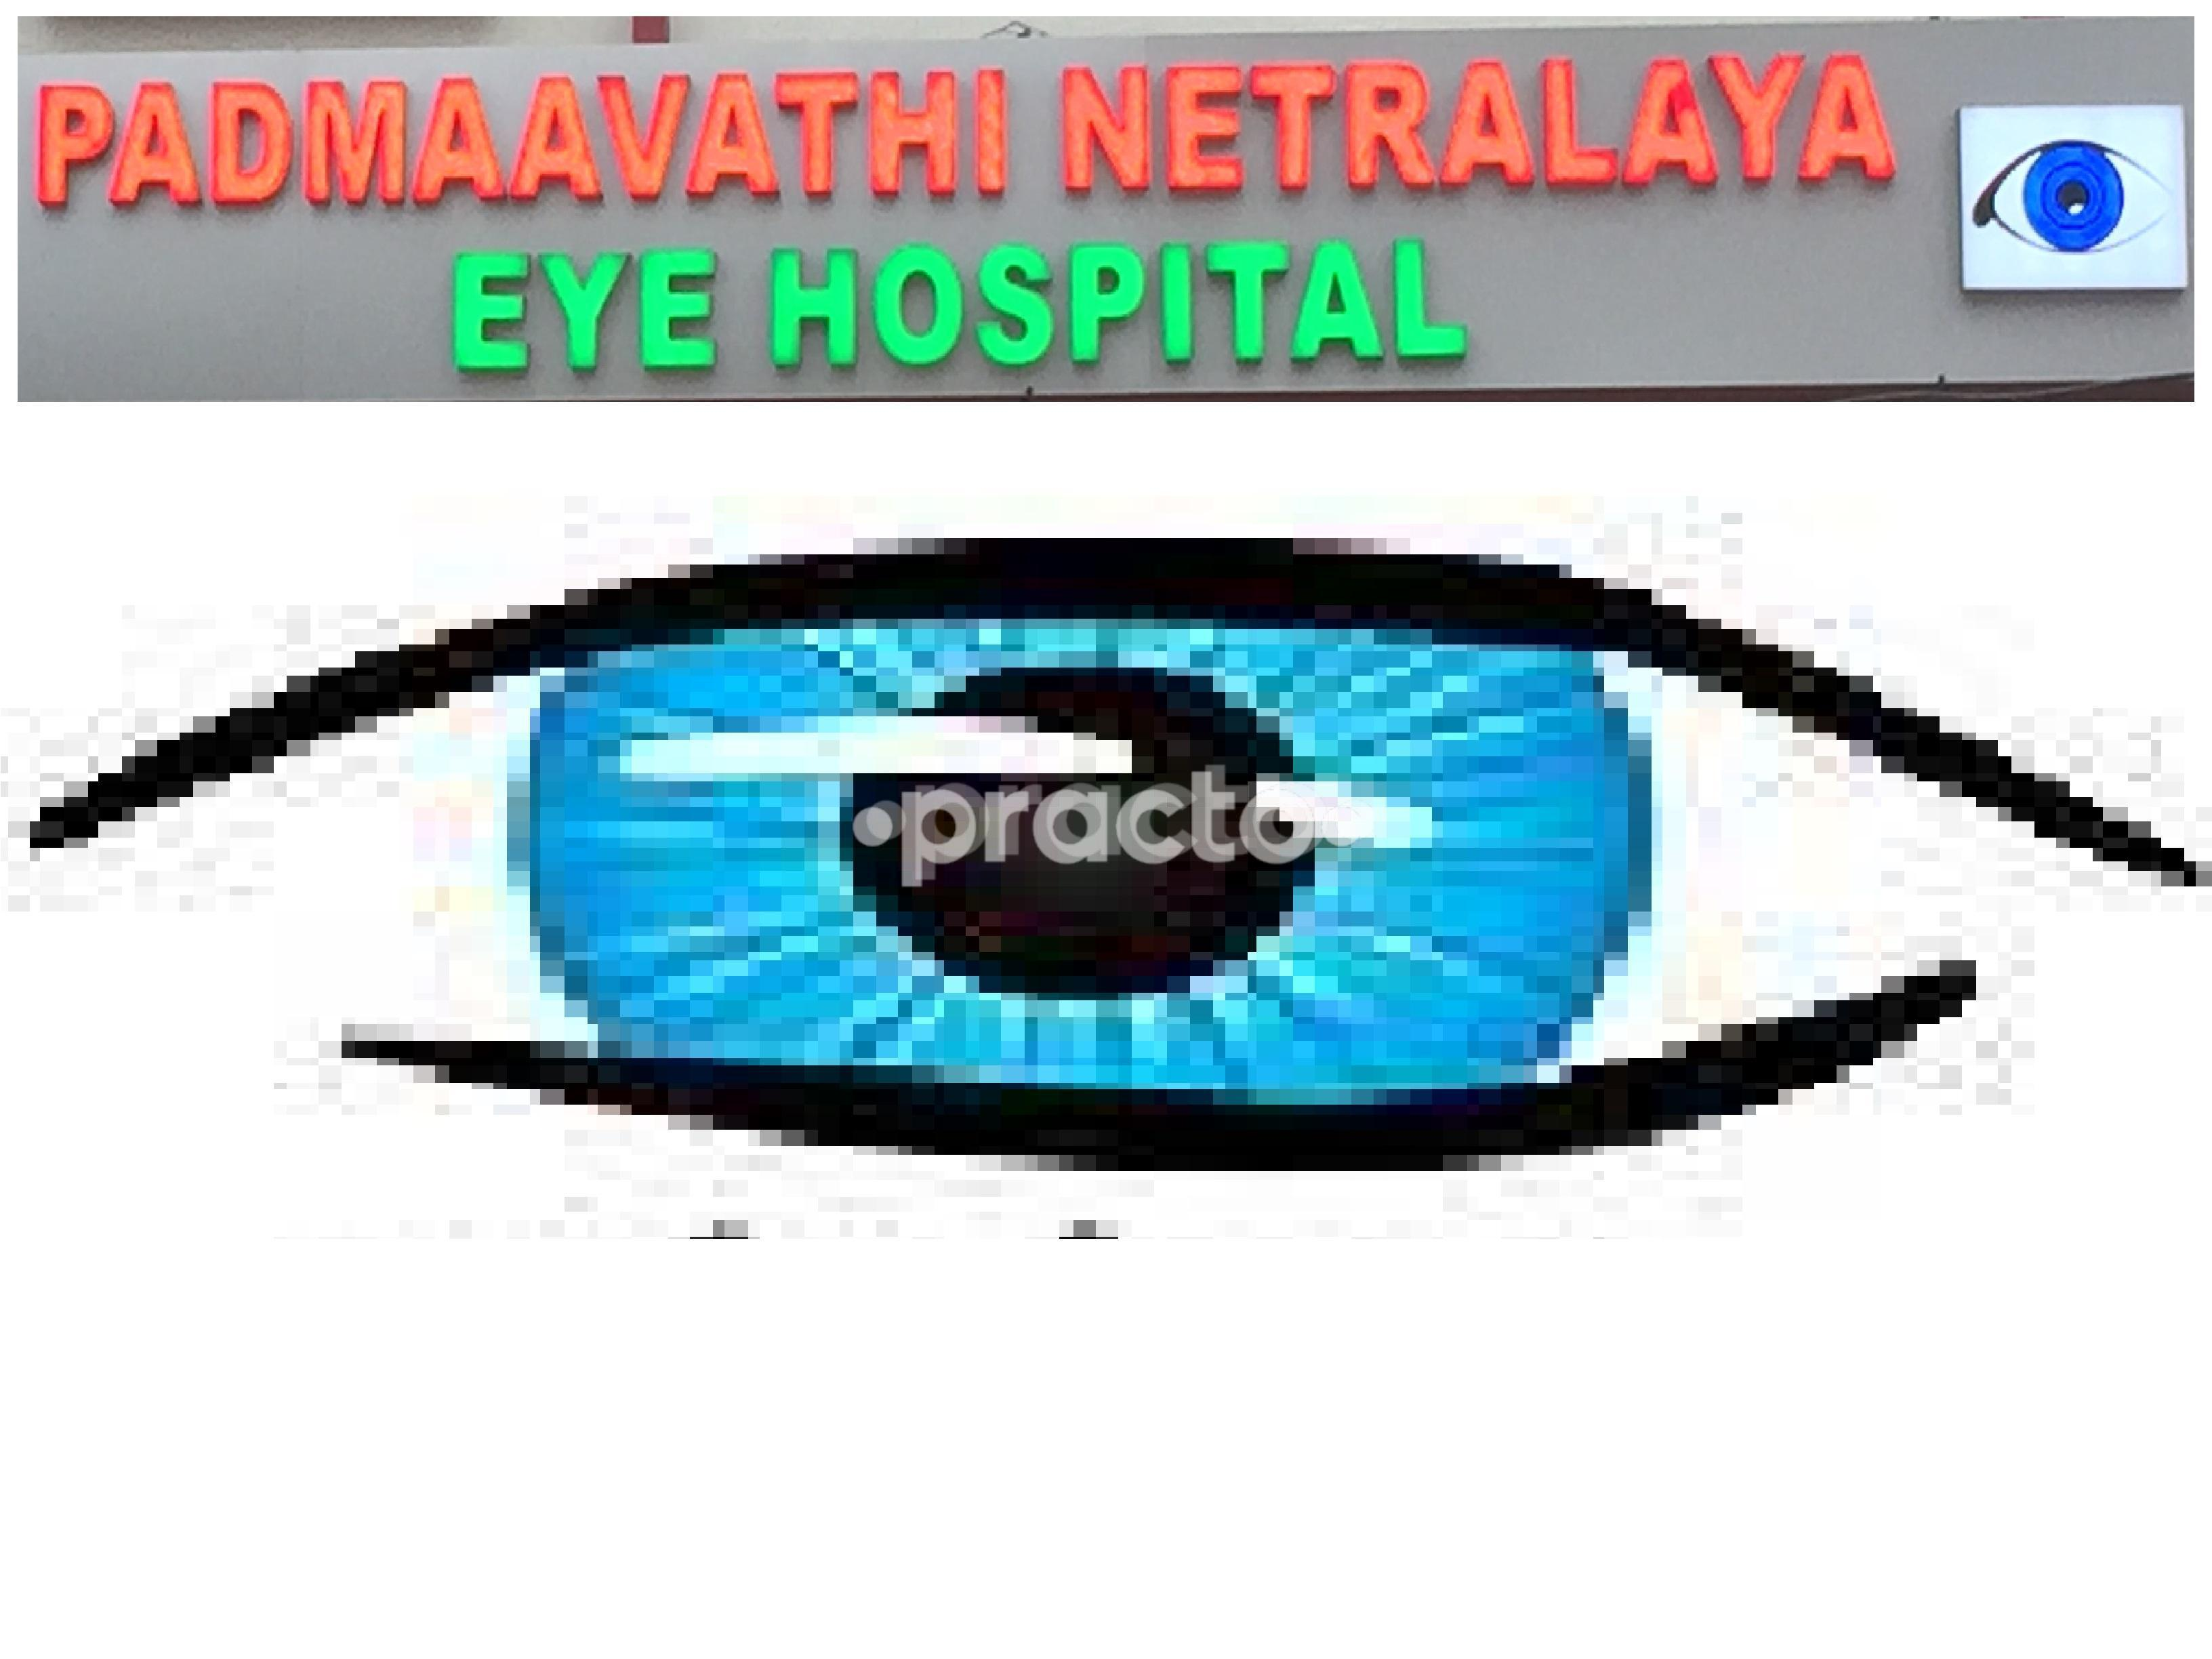 Padmaavathi Nethralaya Hospital